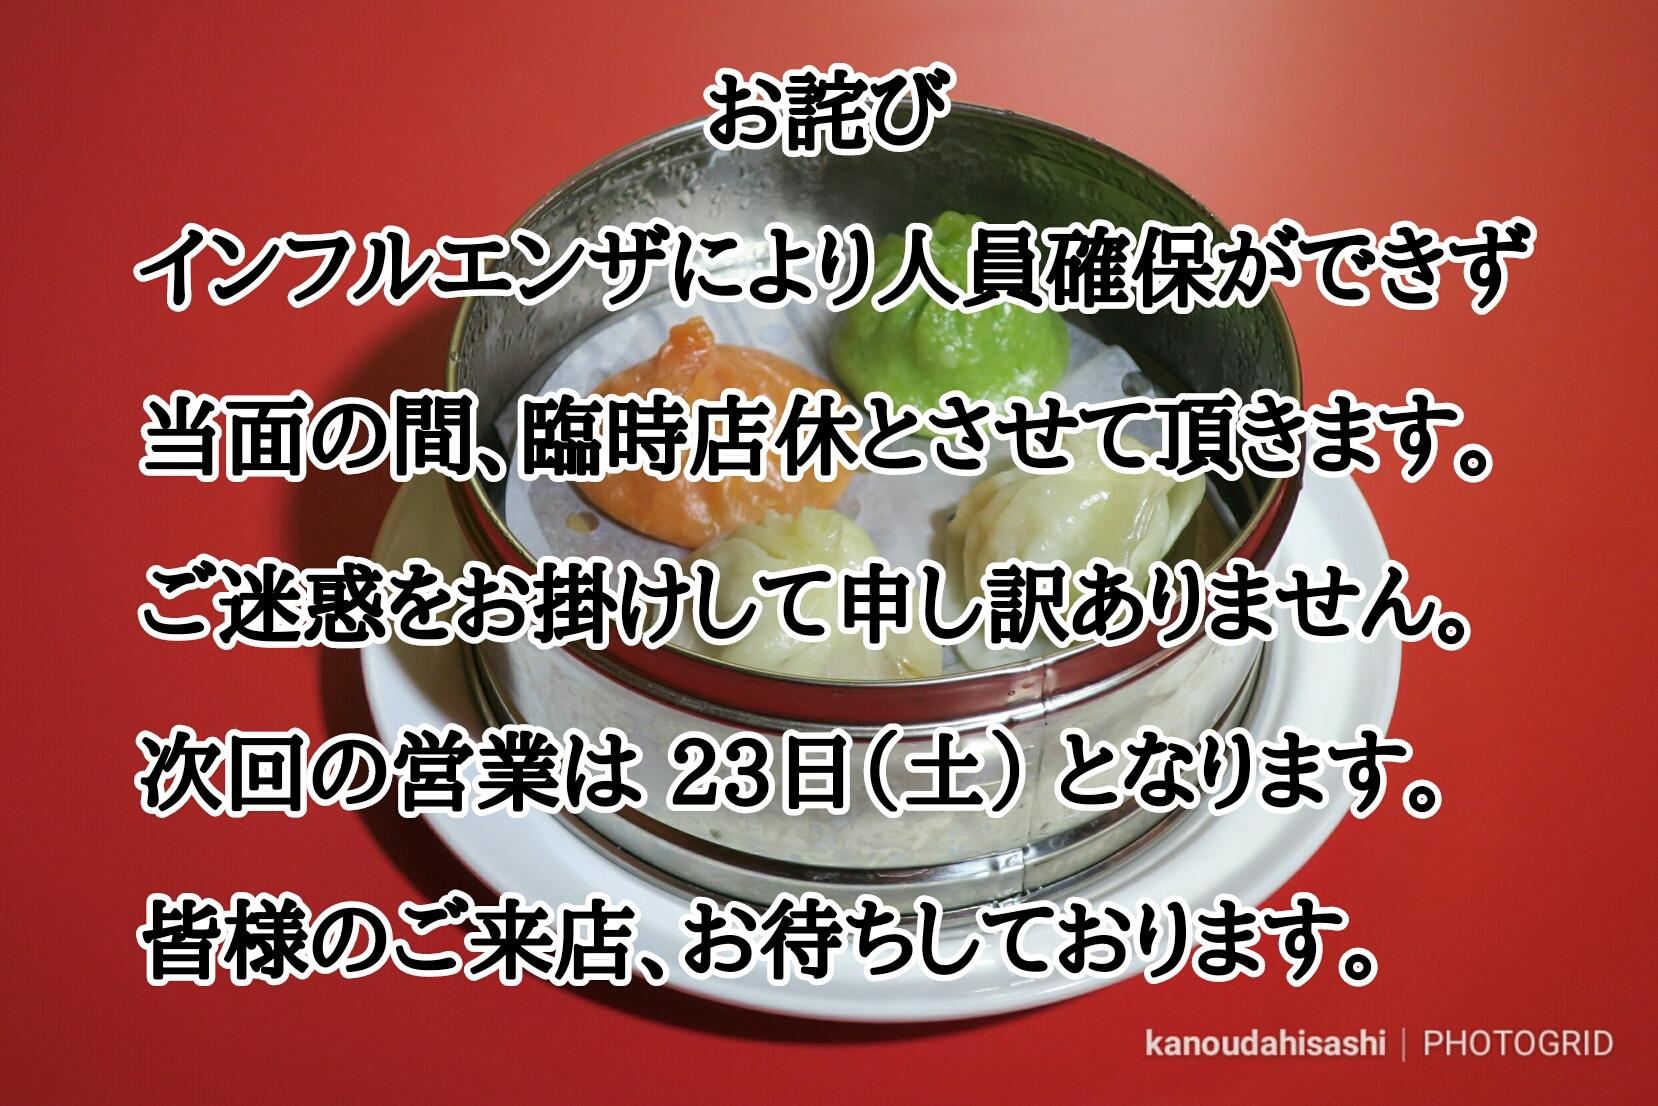 お詫びとお知らせpage-visual お詫びとお知らせビジュアル